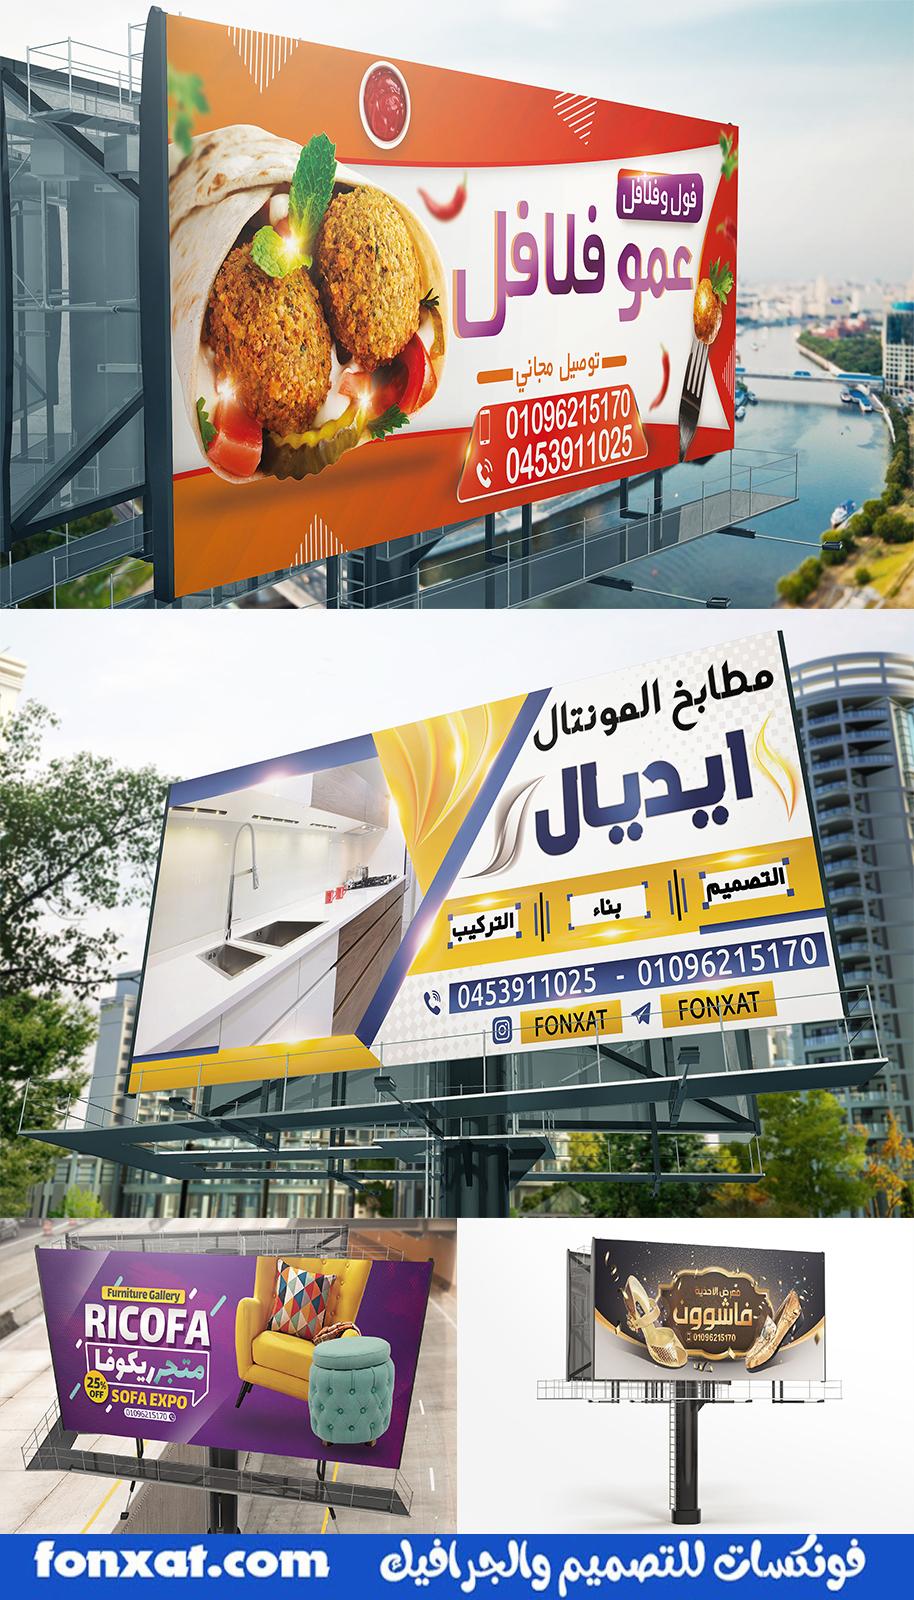 موك اب احترافى بلندر عرض بنرات عملاقة ولافتات اعلانية بالطرق بصيغة psd